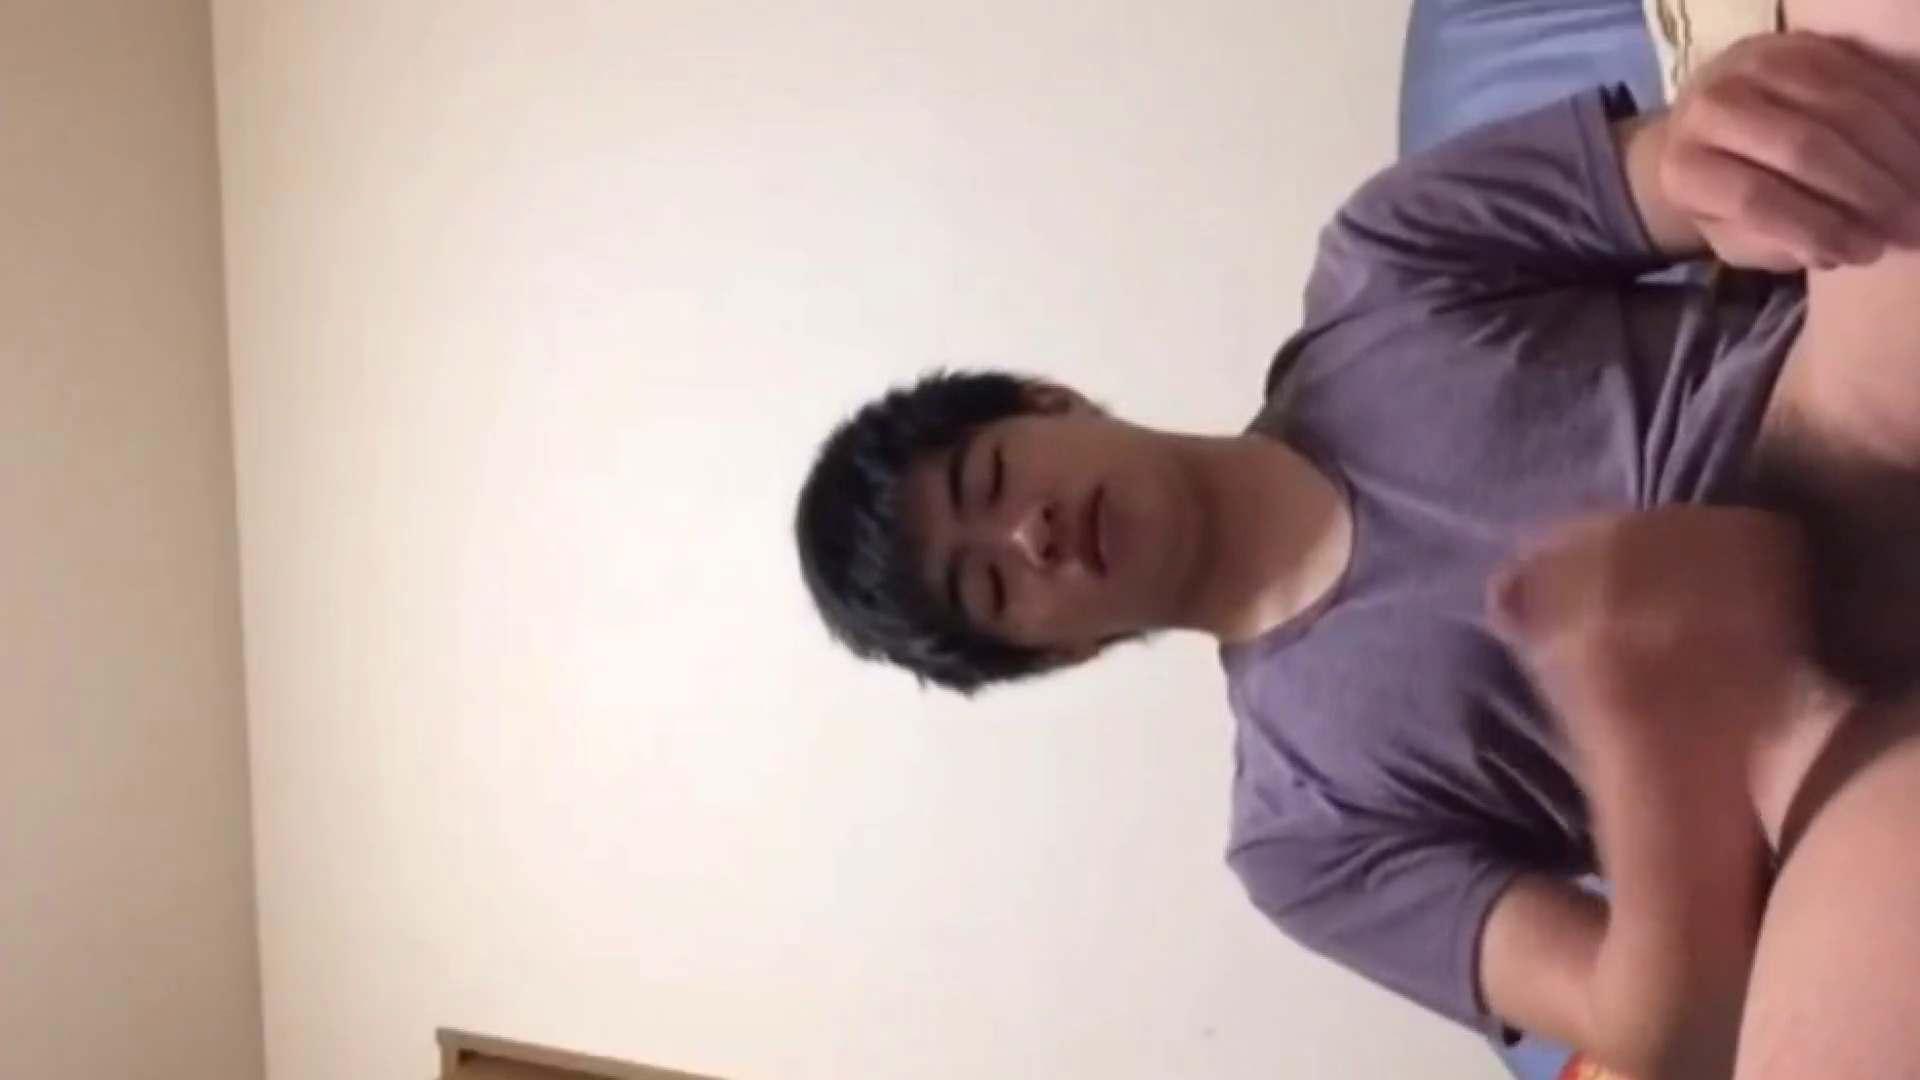 大人の男を夢見るBOYS Vol.61 無修正 ゲイアダルトビデオ画像 84pic 28